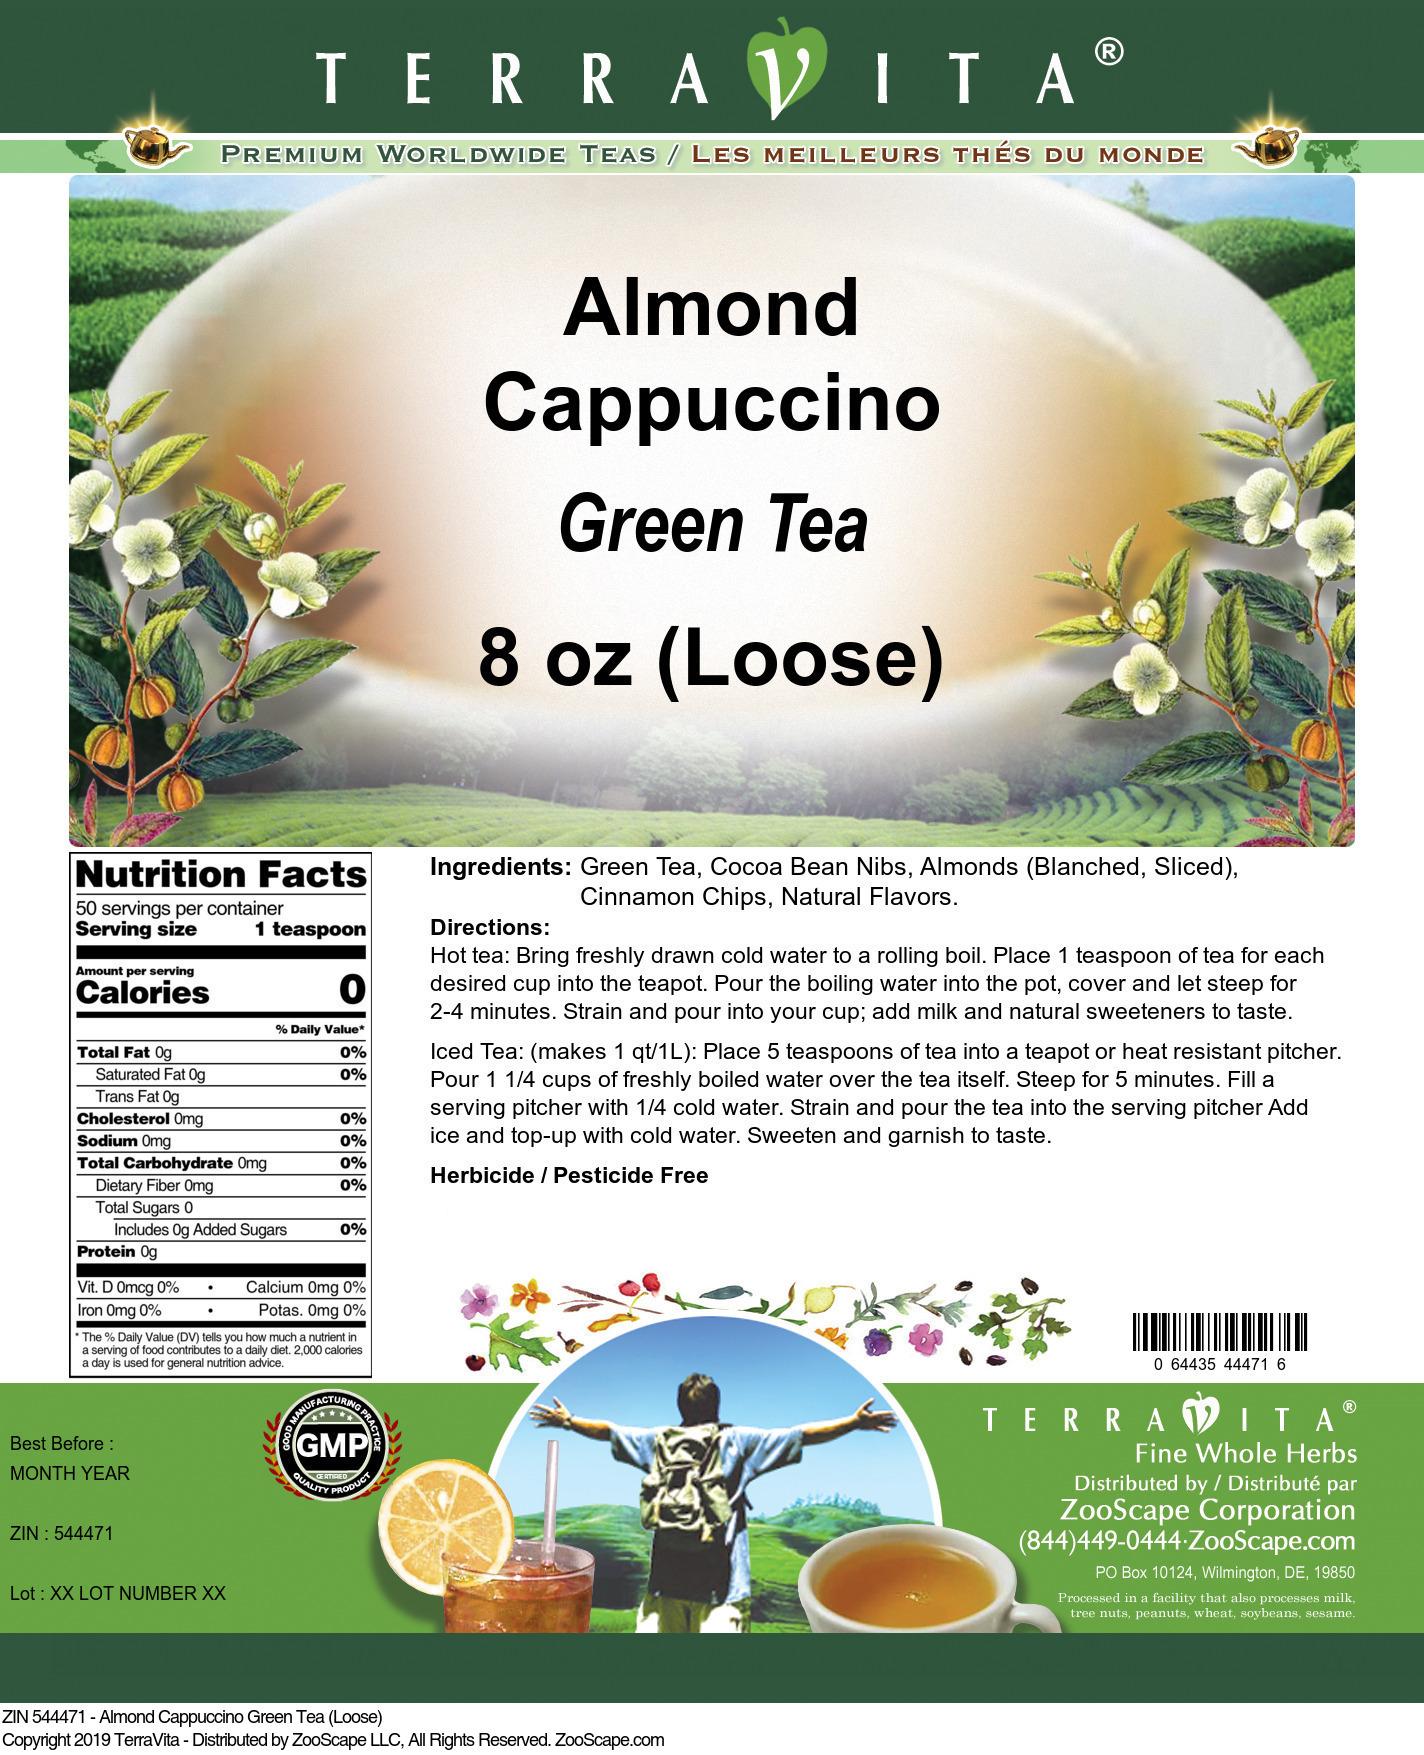 Almond Cappuccino Green Tea (Loose)